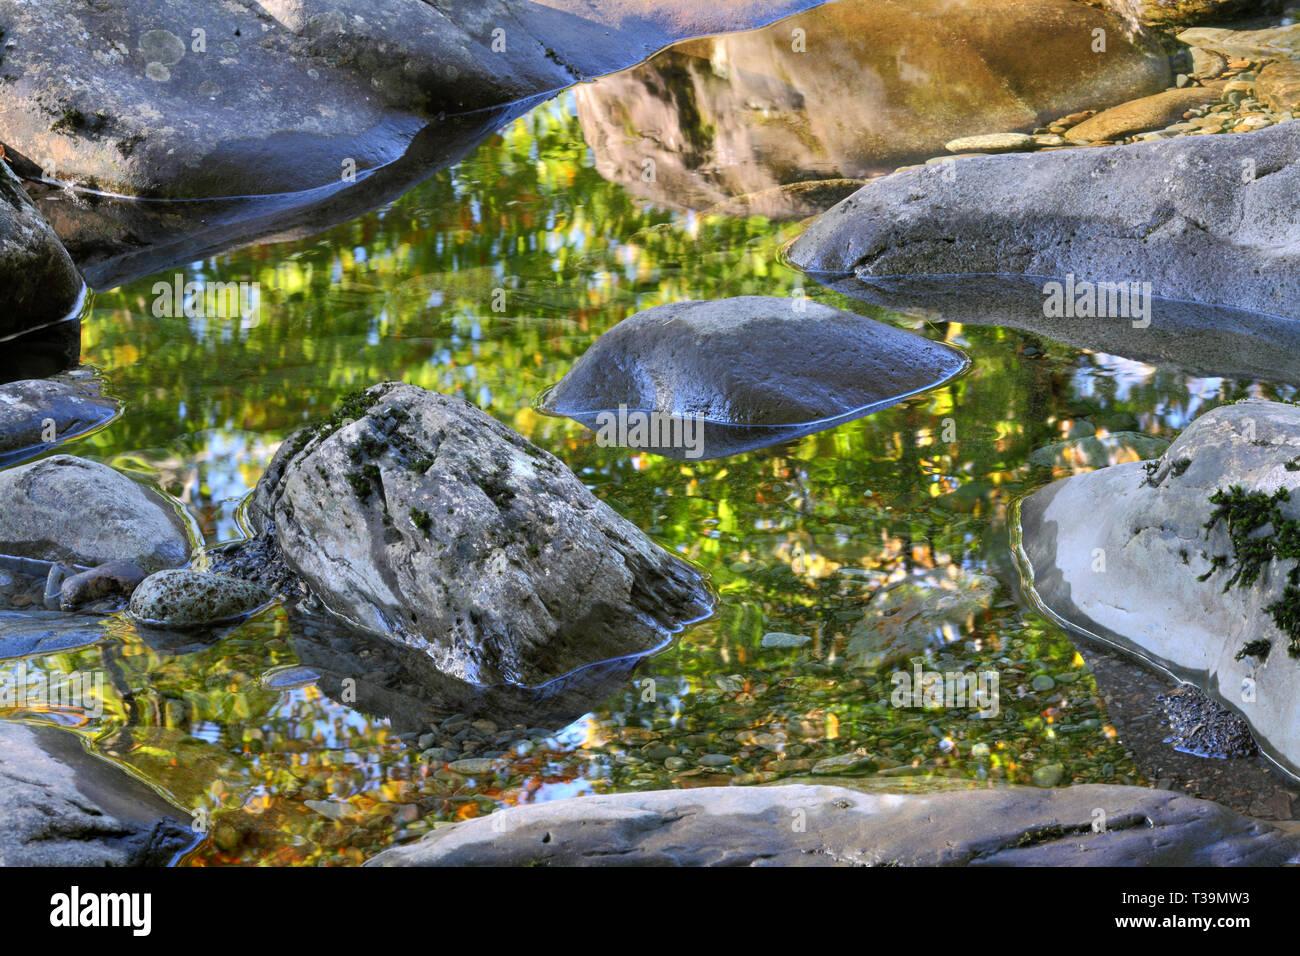 Arbres se reflétant dans l'eau dans une piscine dans les rochers de la rivière Llugwy (Afon Lugwy), près de Betws-Y-coed, au nord du Pays de Galles. Photo Stock